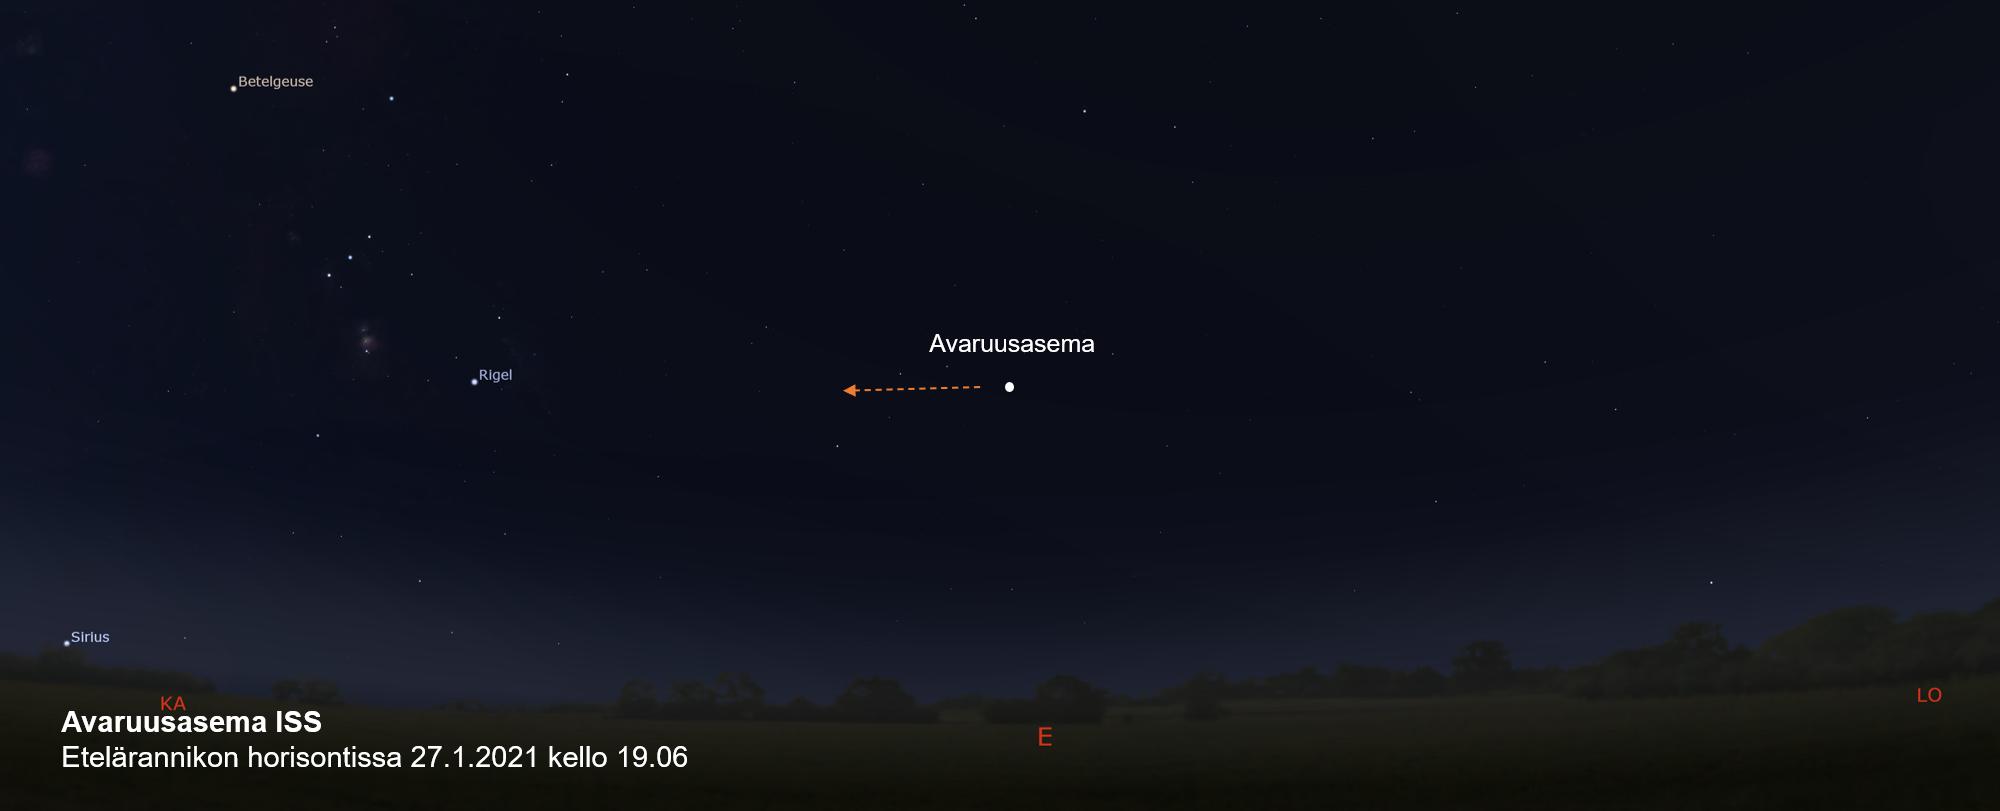 Avaruusasema ISS etelärannikon horisontissa